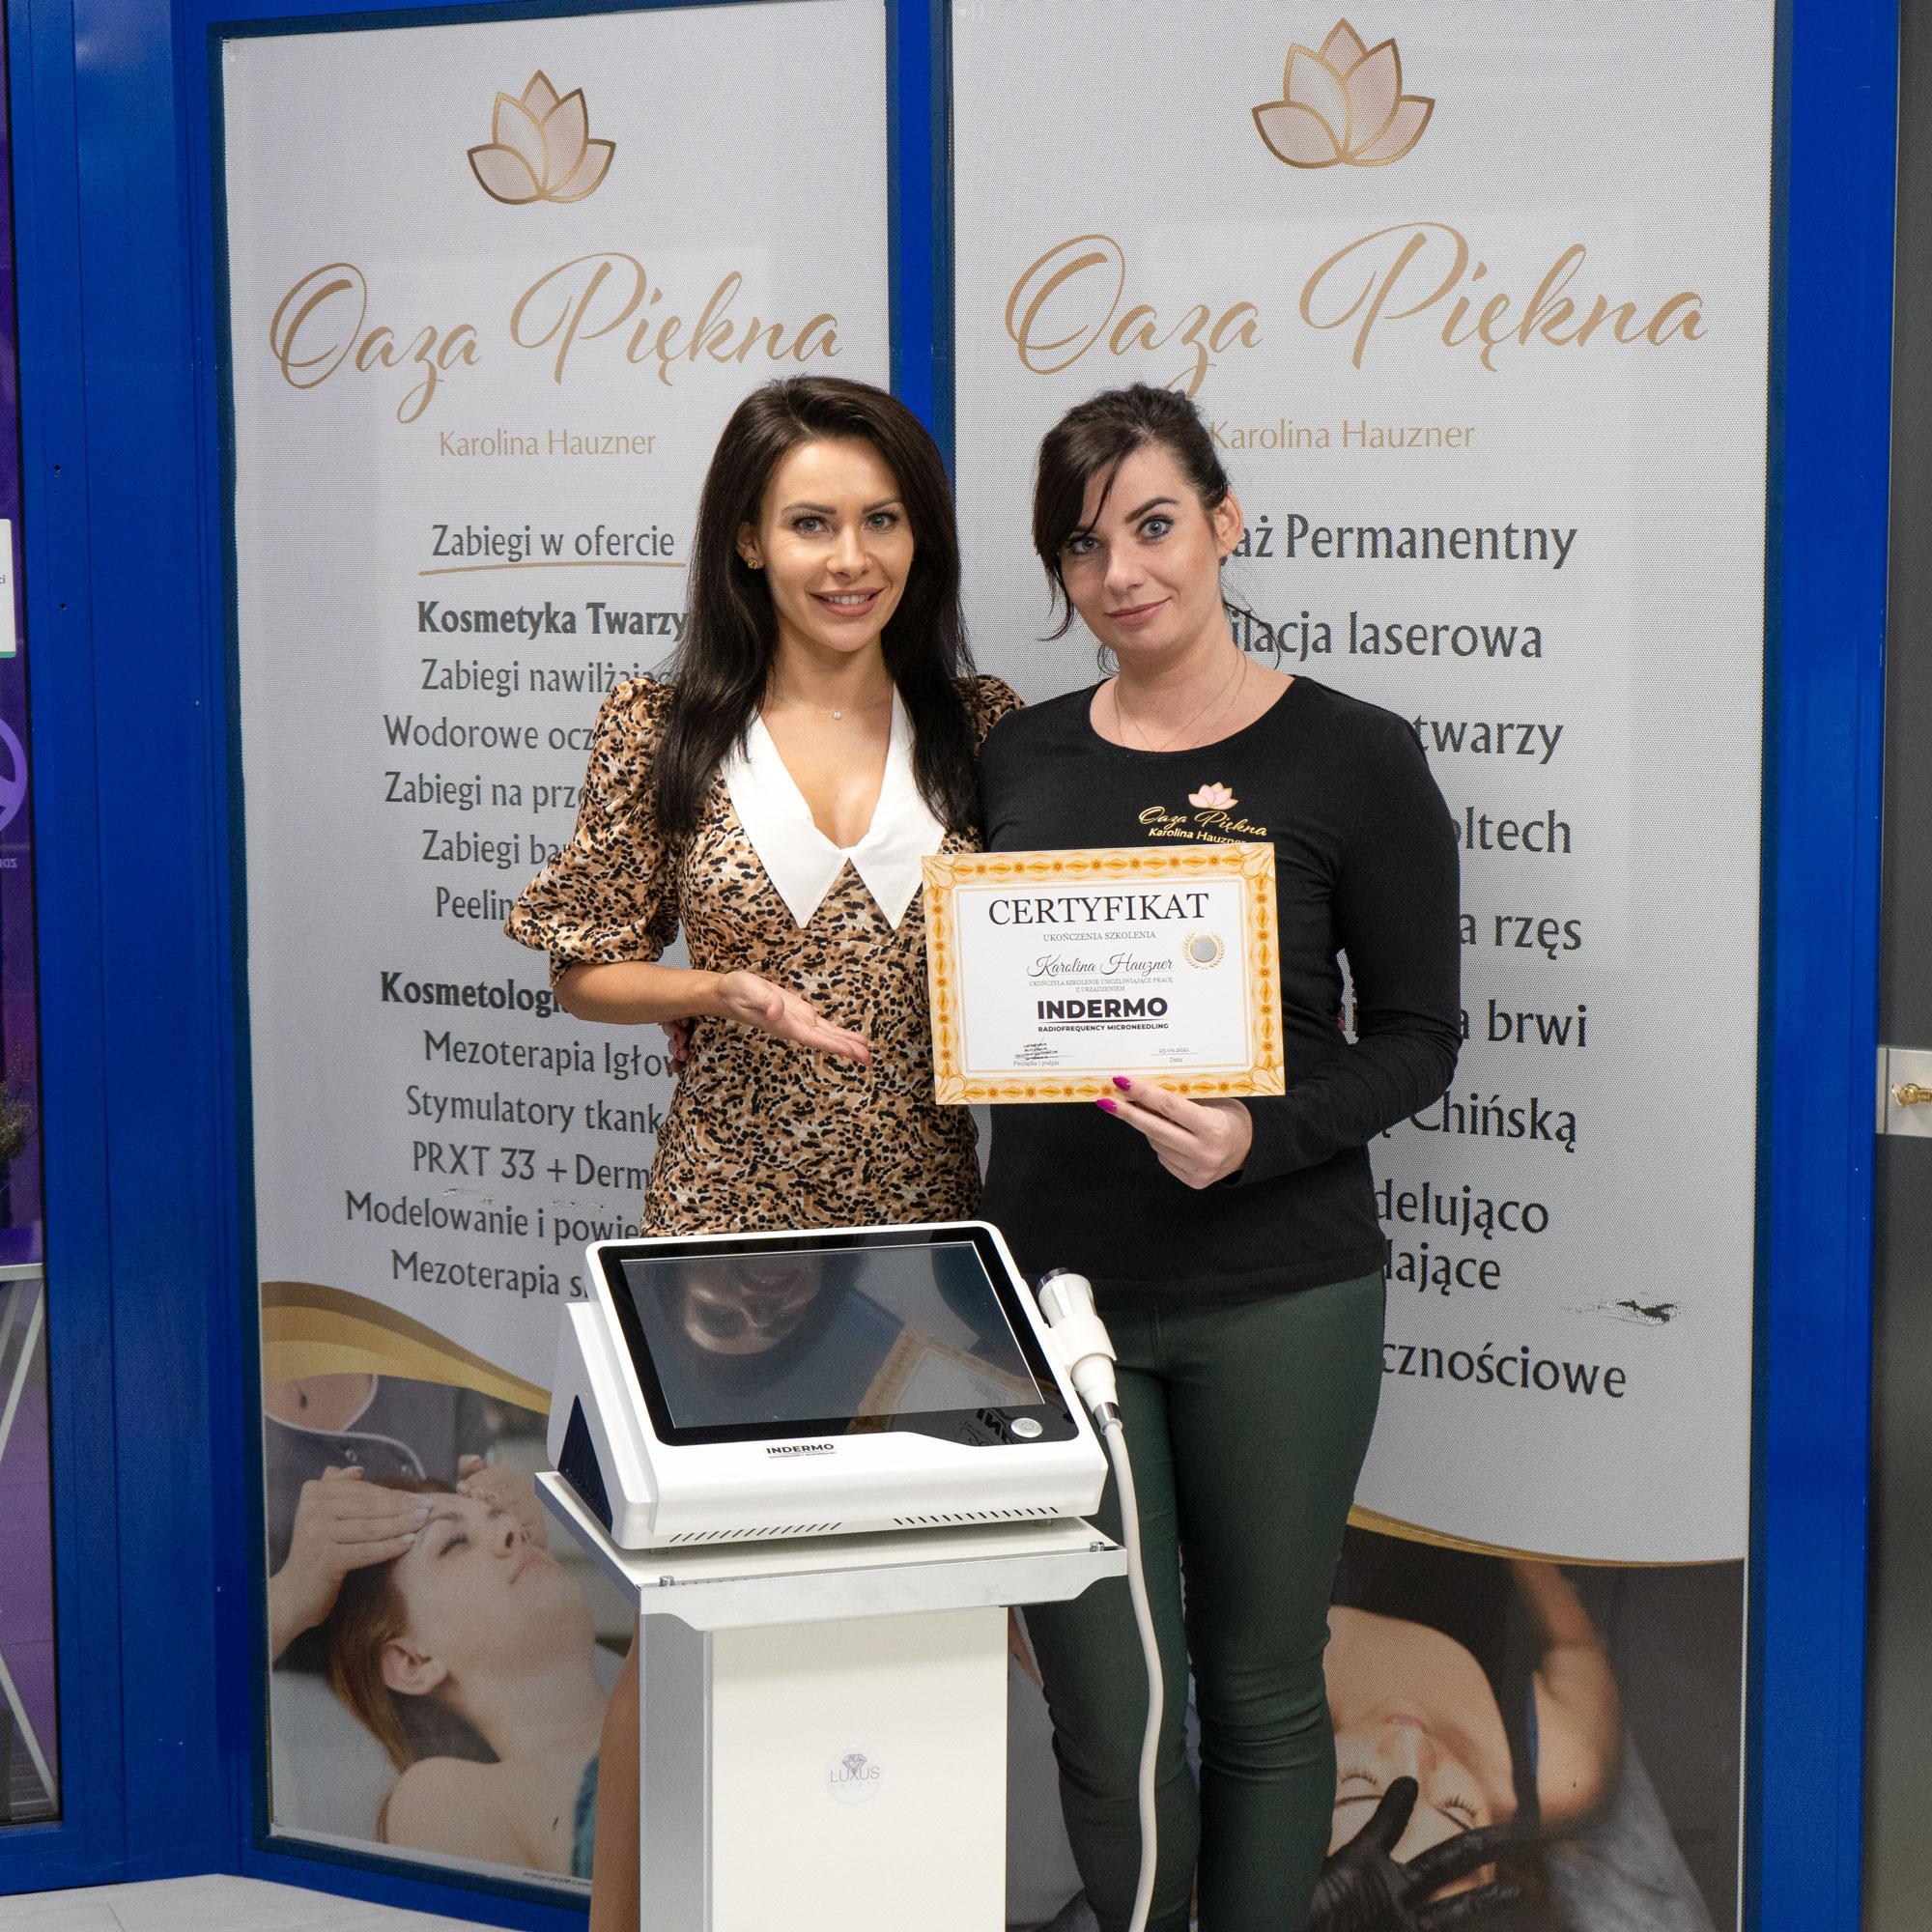 Szkolenia z RF mikroigłowy przeprowadzamy w gabinetach kosmetologicznych na terenie całej Polski